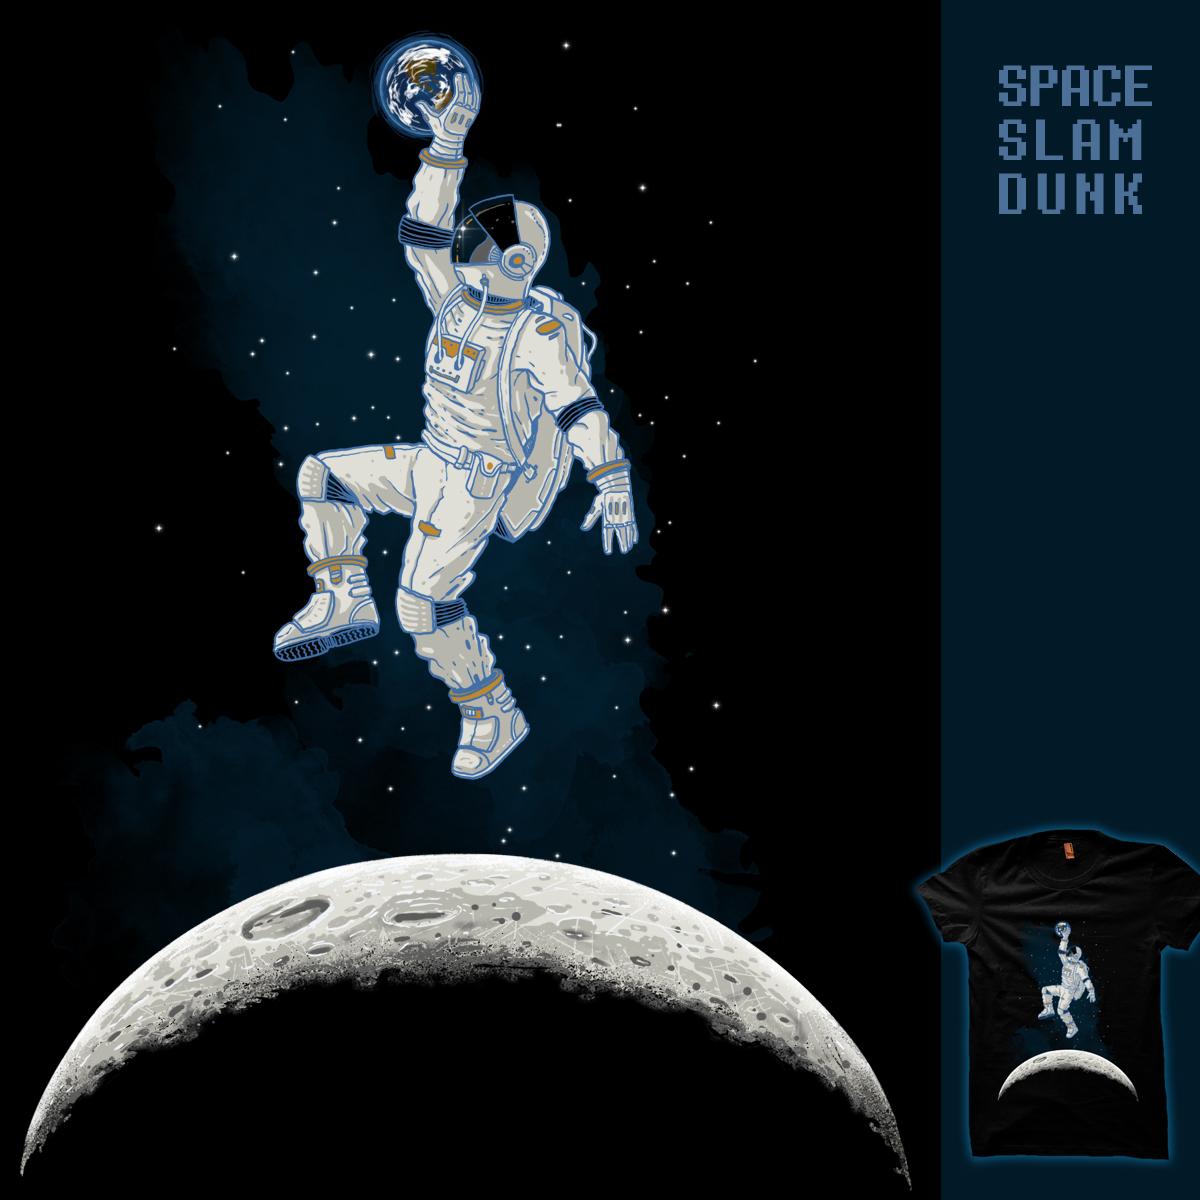 space slam dunk by Oktomanuba on Threadless